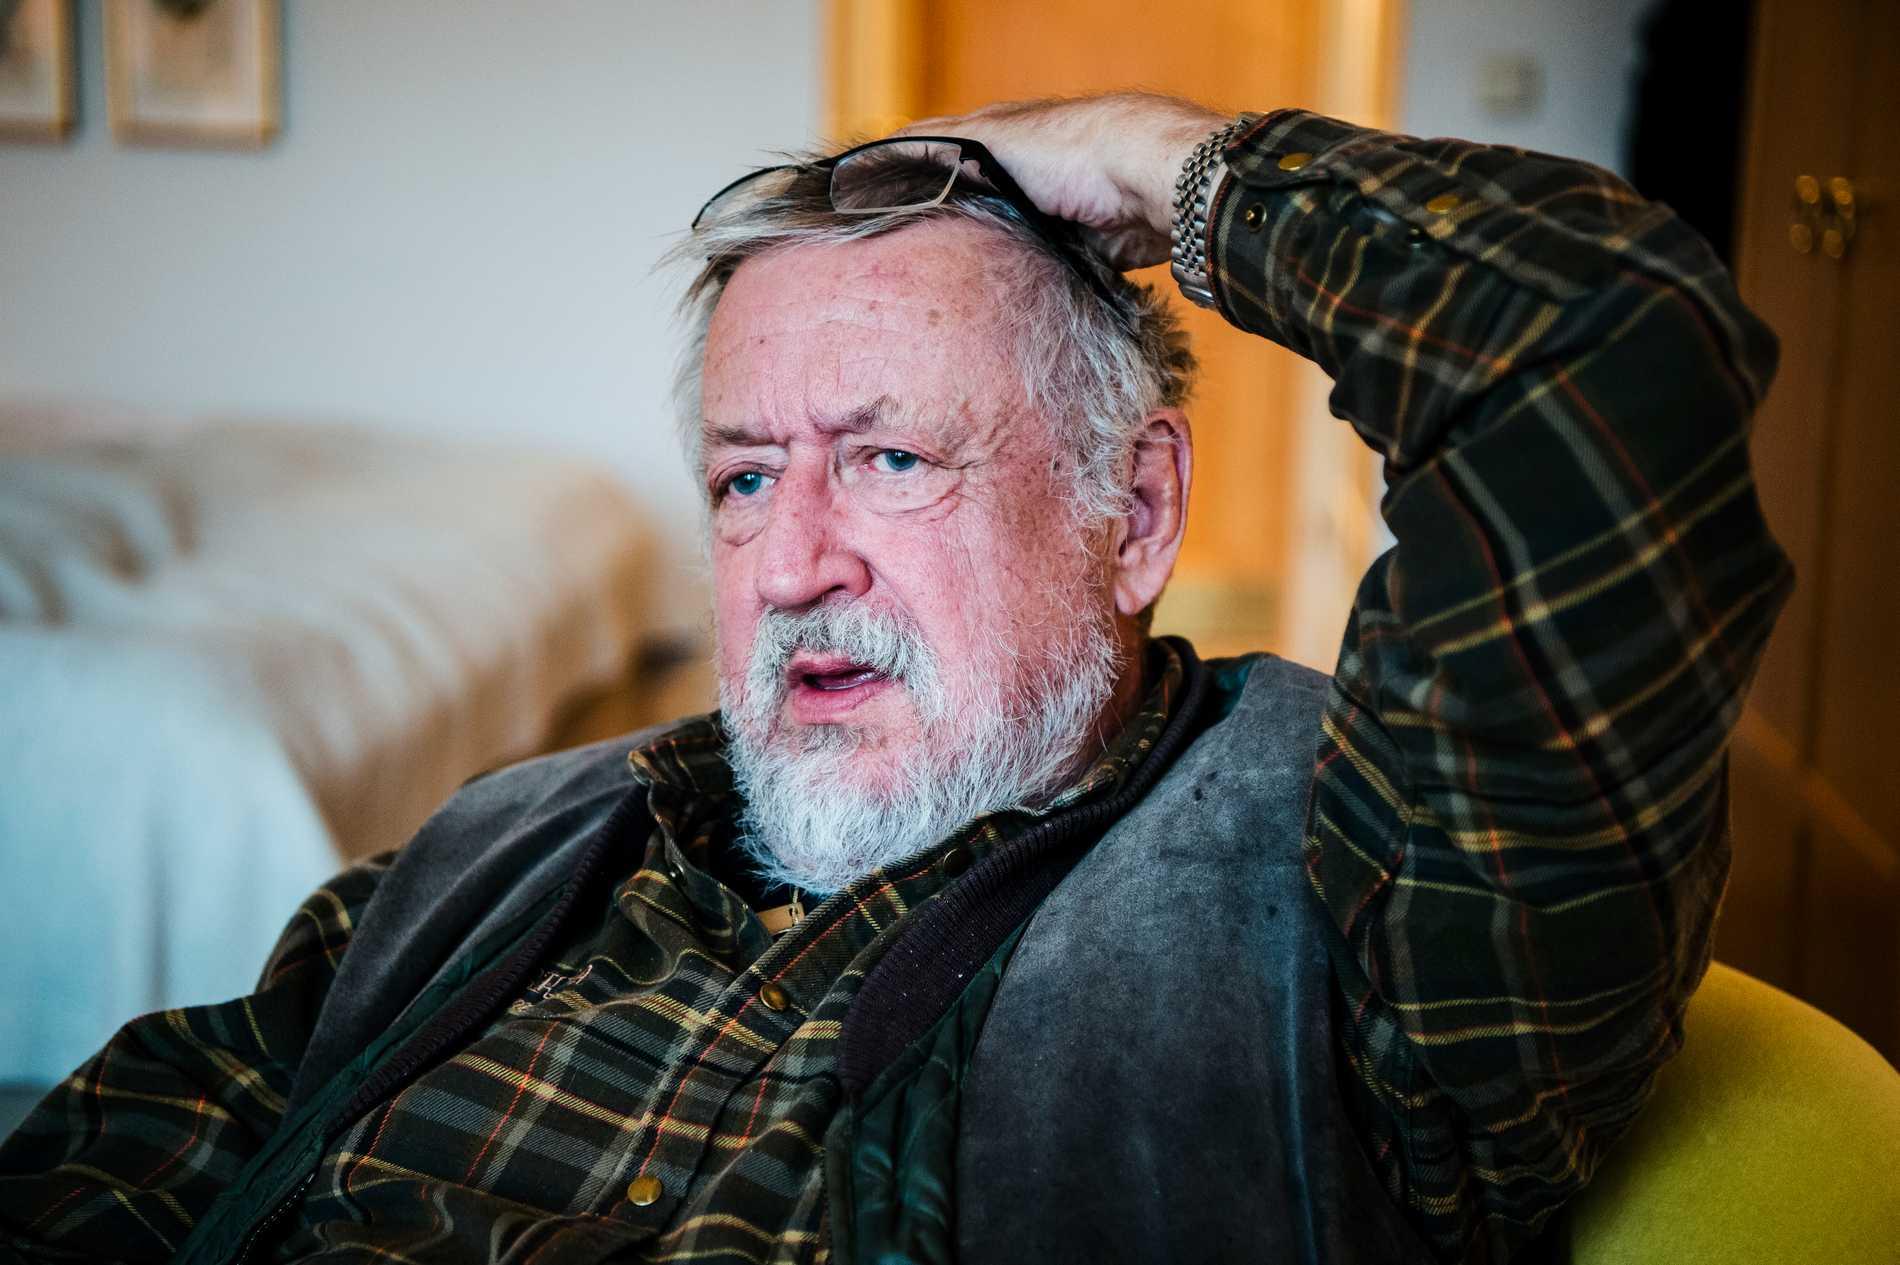 64-åringen och hans fru klickade på en artikel om Leif GW Persson på nätet. Bakom den lurade en fälla med kryptovaluta